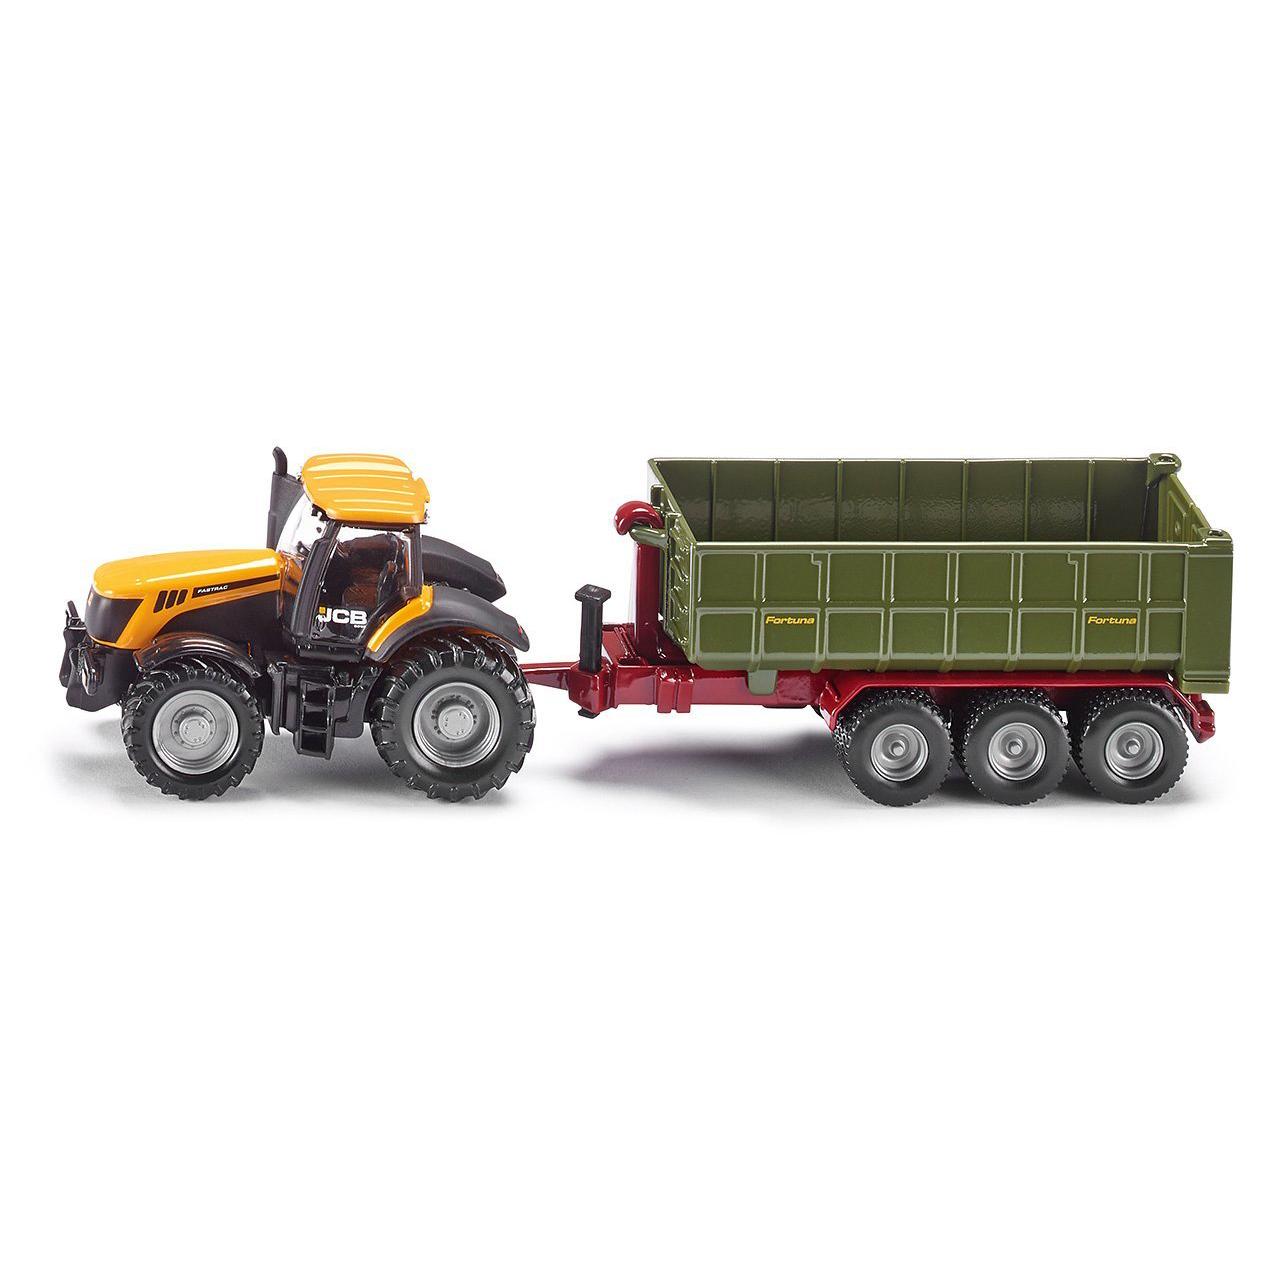 Купить Игрушечная модель - Трактор с прицепом-кузовом, желтый, 1:87, Siku